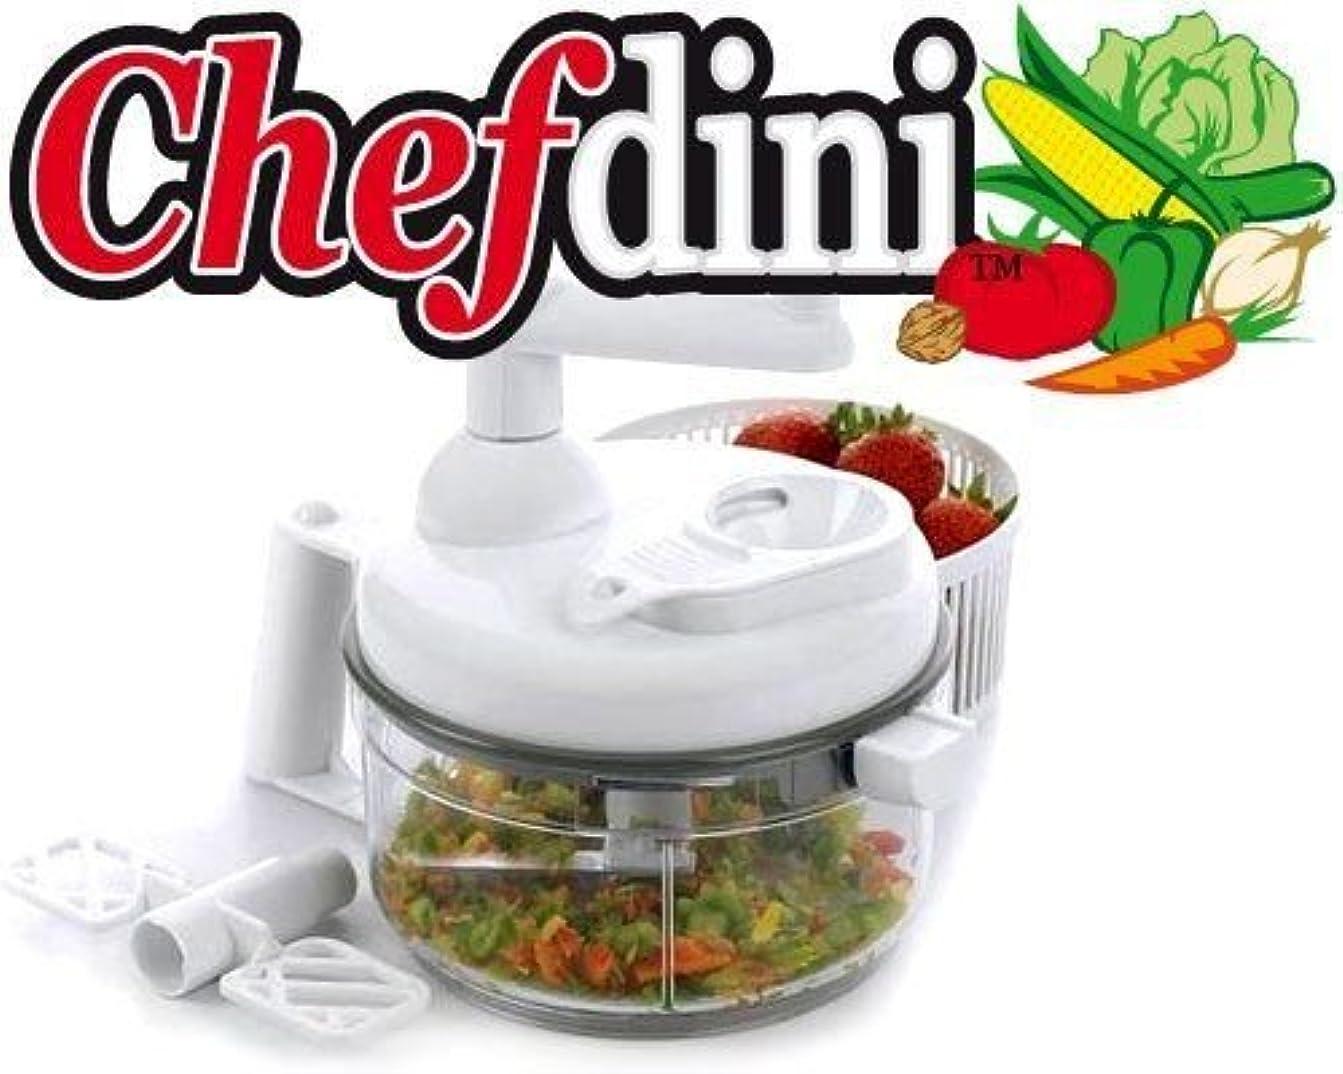 発掘更新するチューブChefdini Food Processor, White by Chefdini